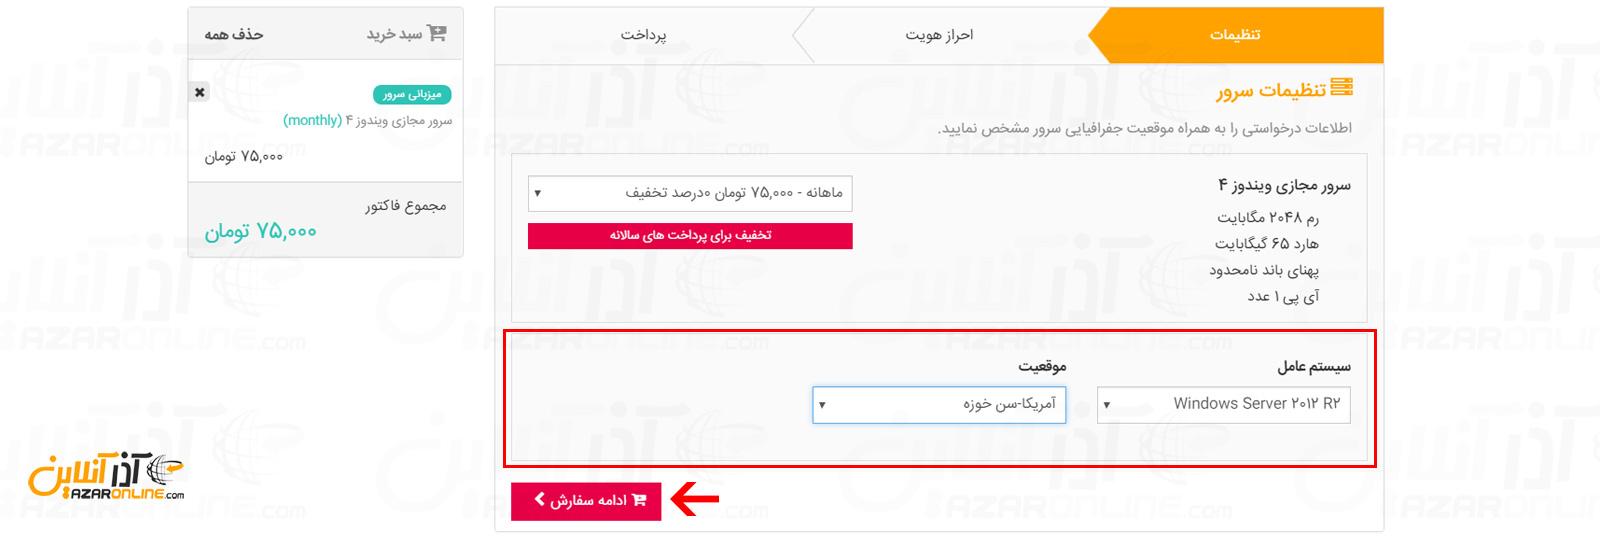 انتخاب نسخه و محل قرار گیری سرور مجازی ویندوز